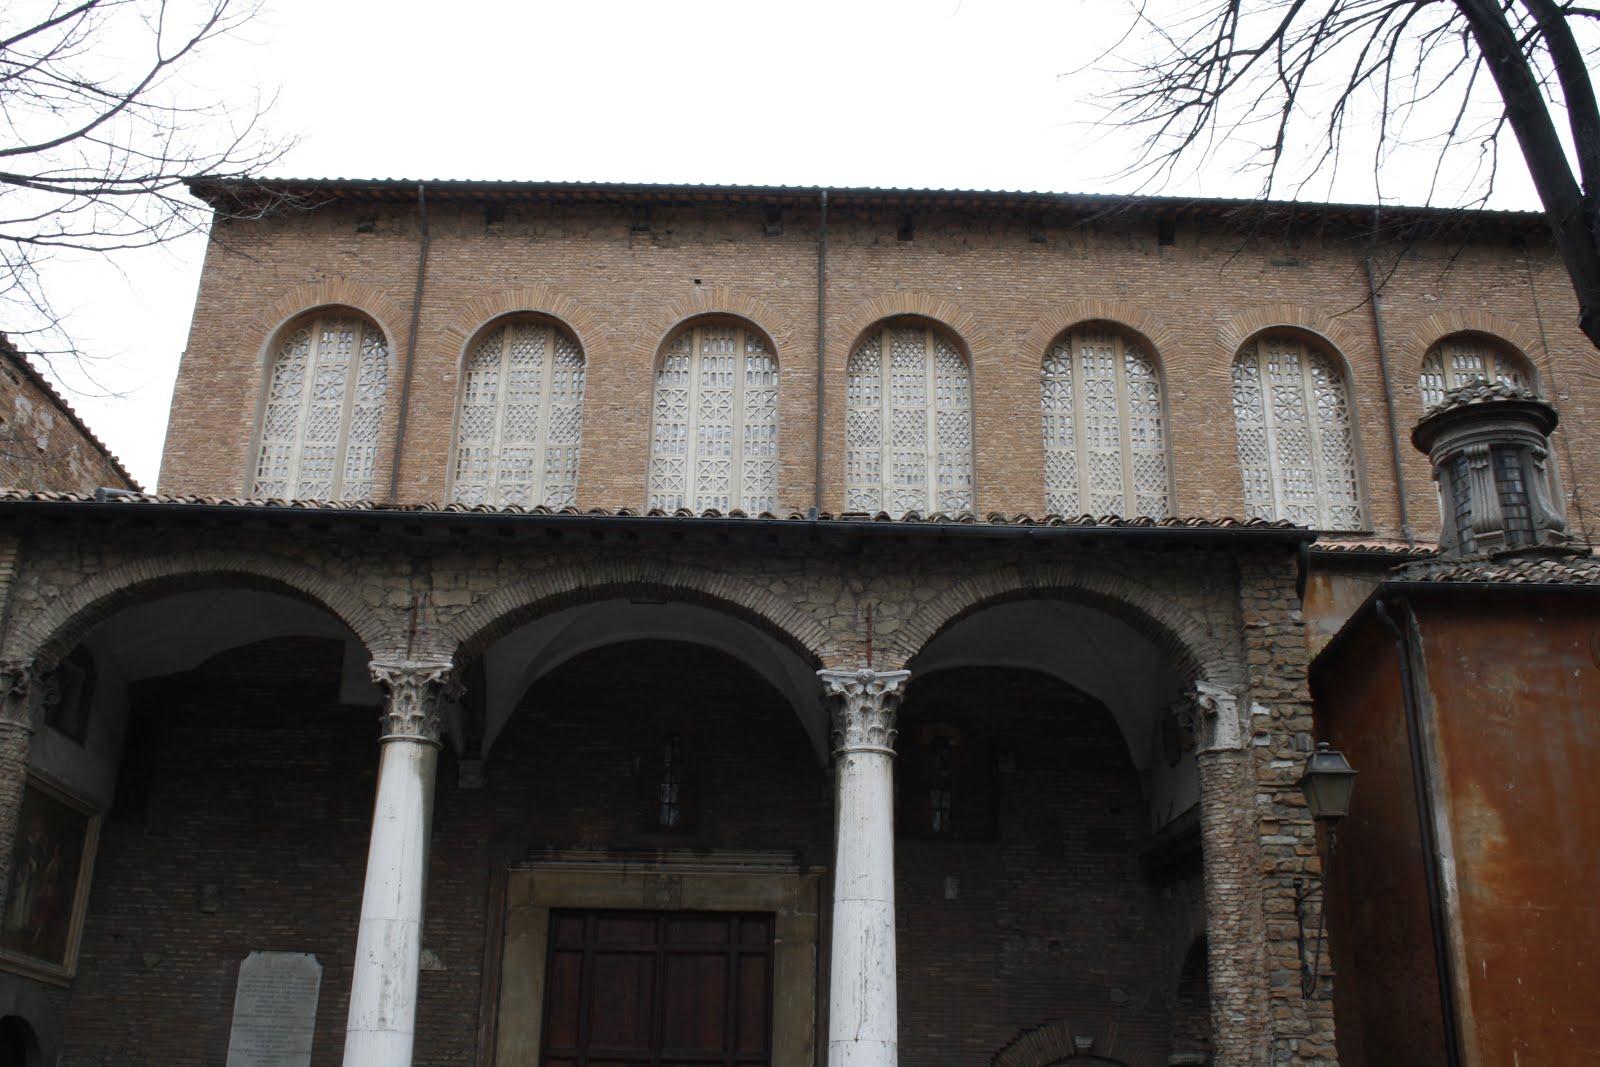 Ermitiella La Basilica De Santa Sabina En Roma Perderse En El Aventino